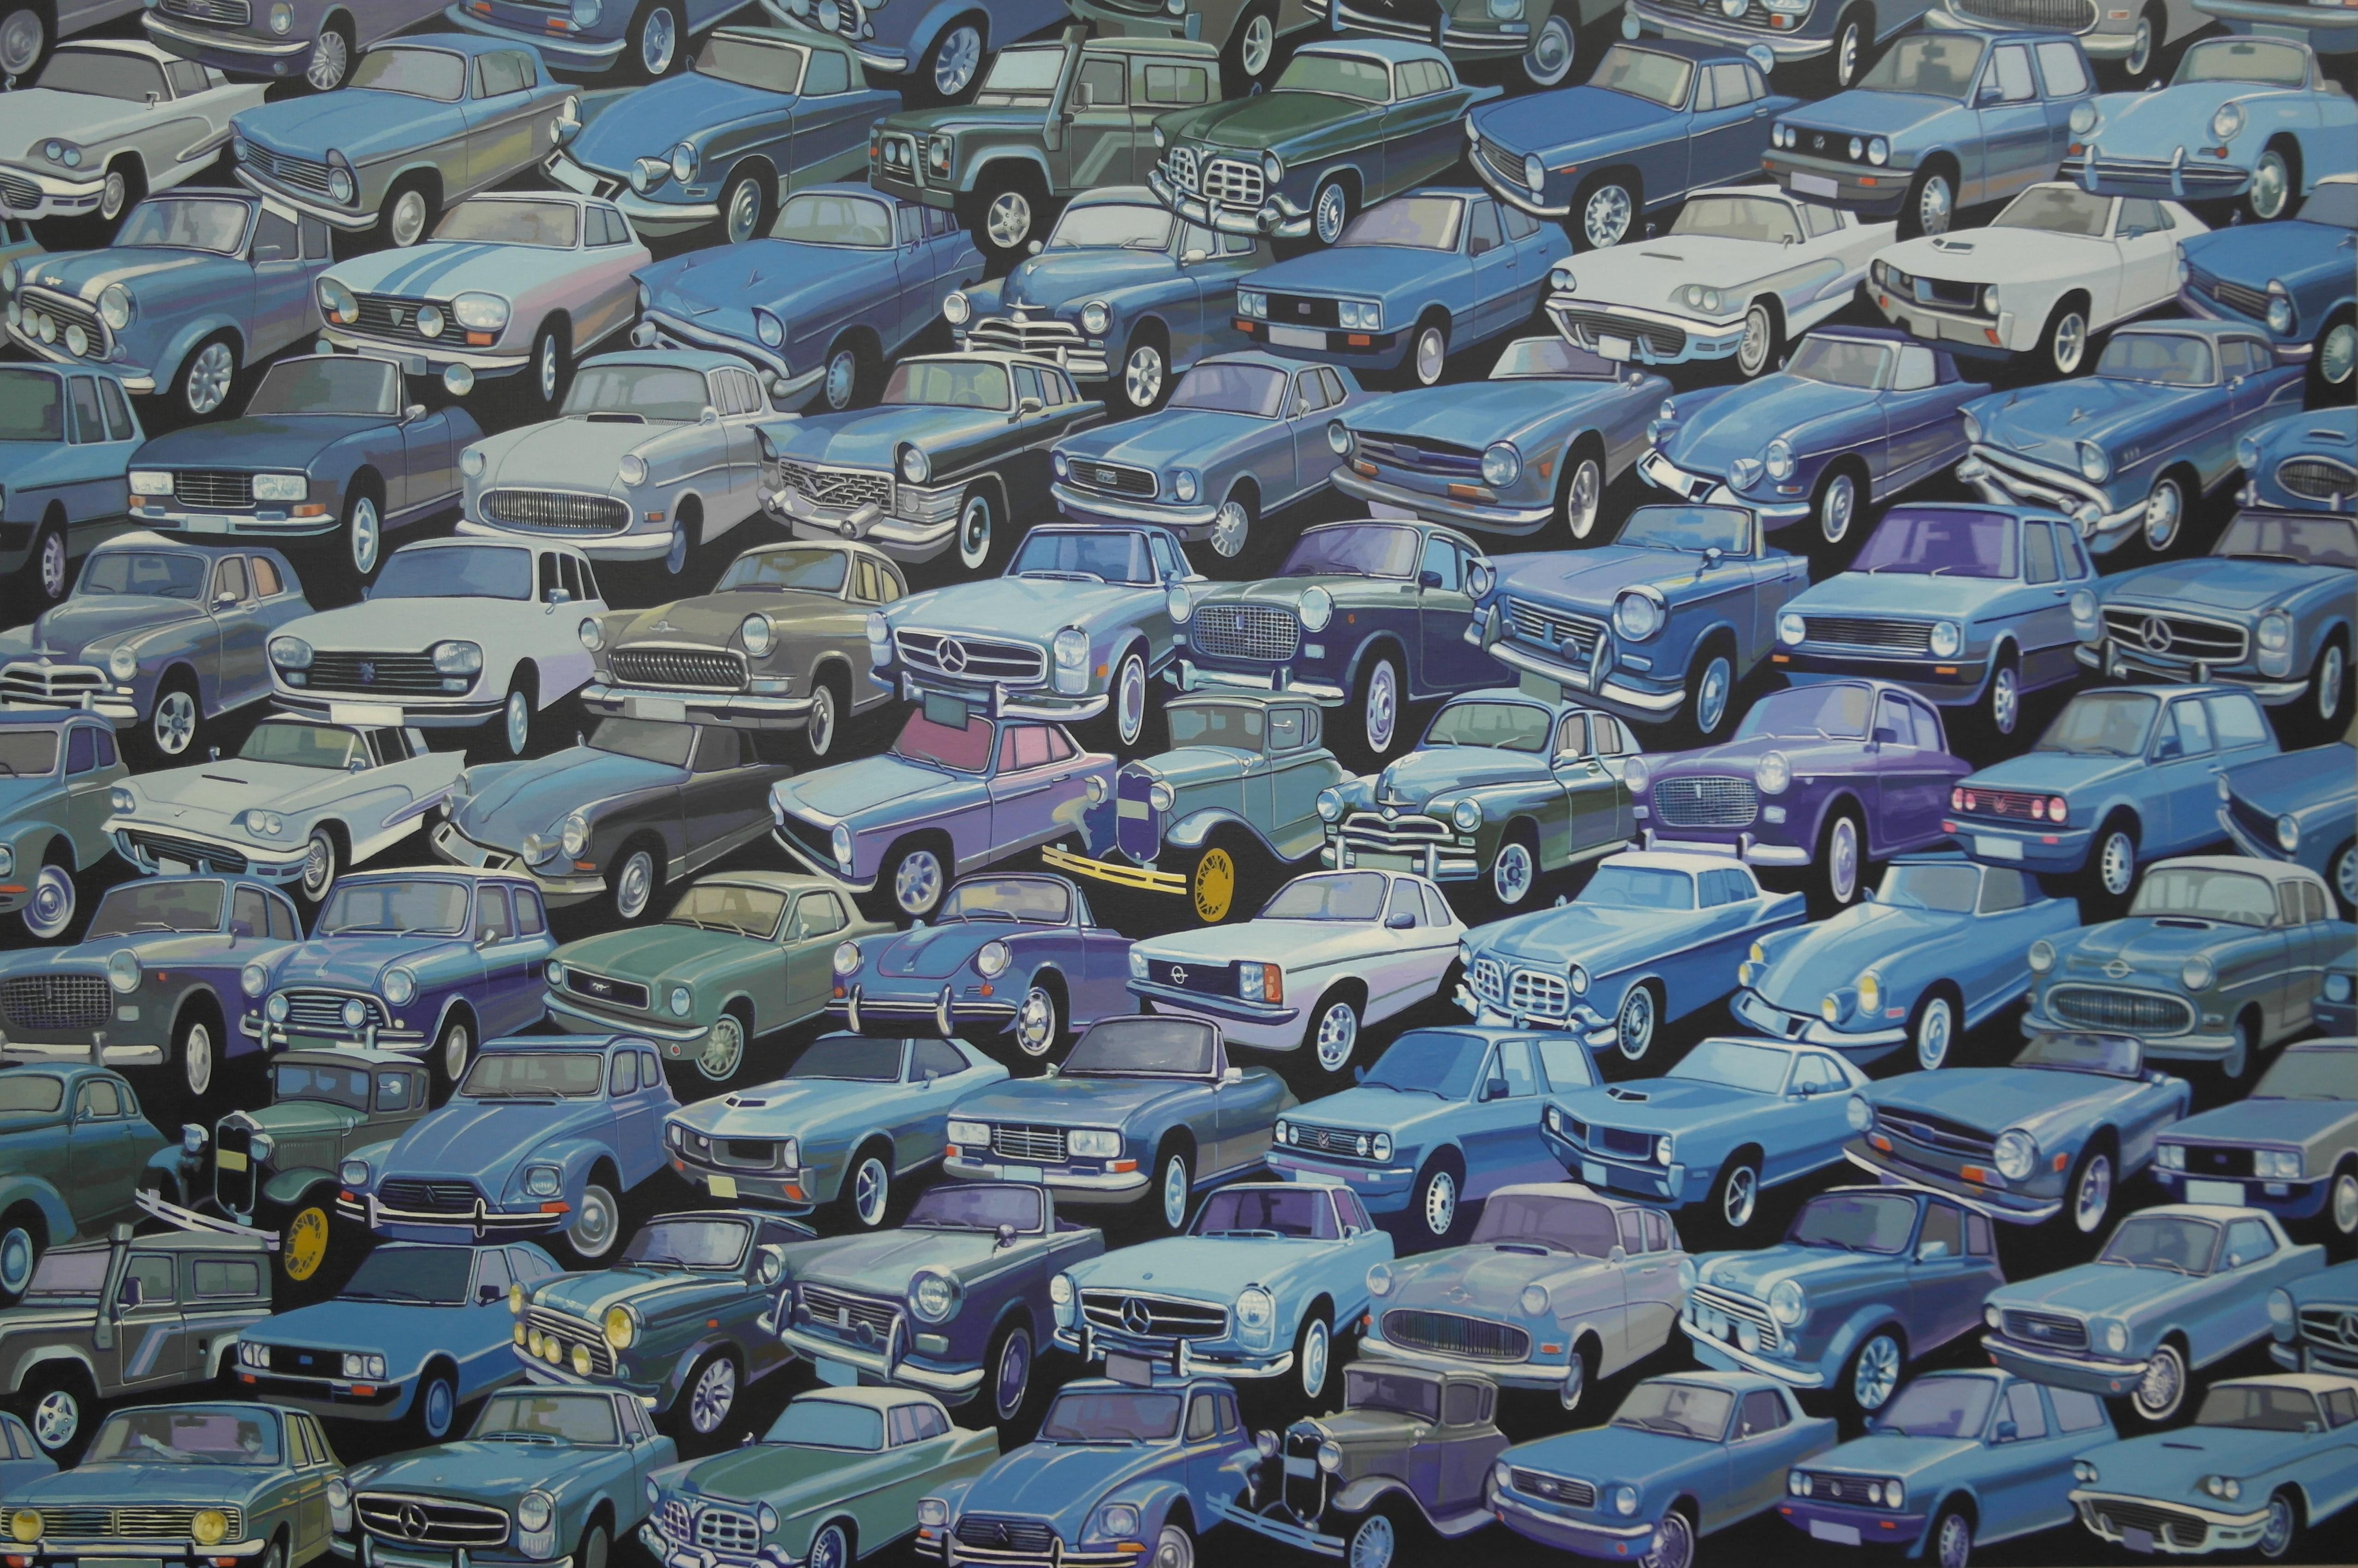 김인, car,our 20th century,193 x 130 cm, 캔